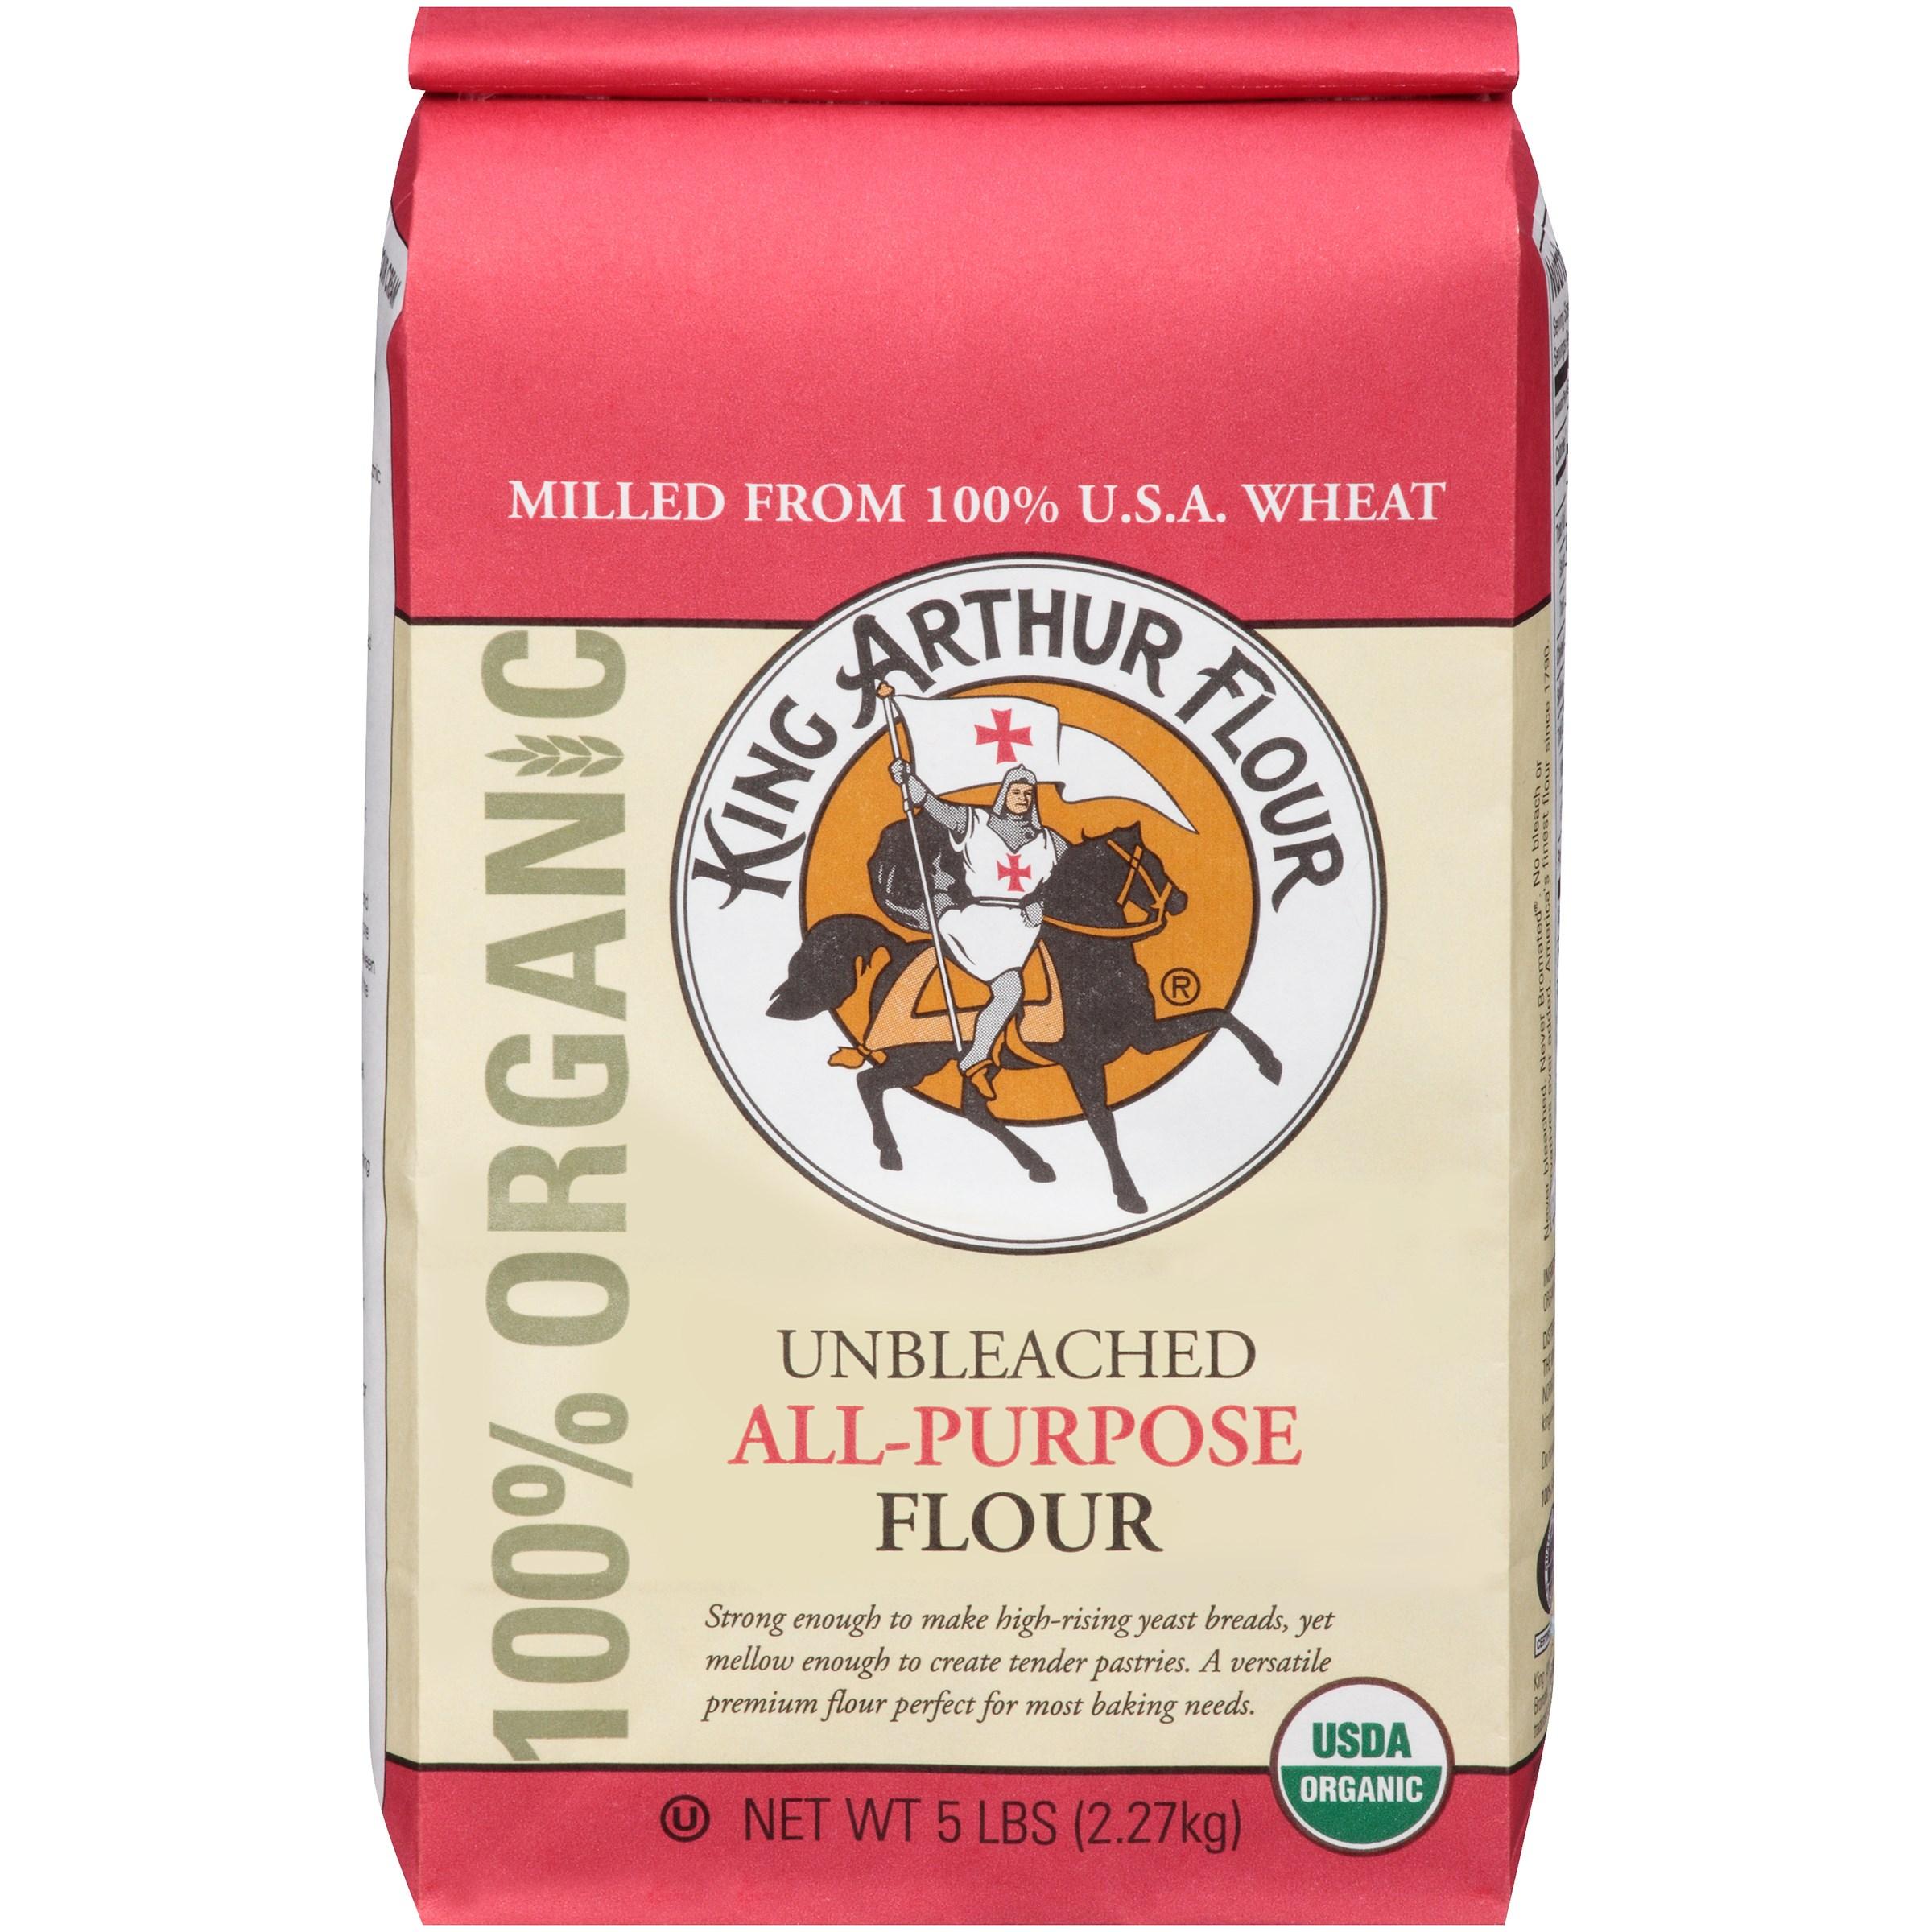 (6 Pack) King Arthur Flour Flour, All-Purpose, Unbleached, 5 LB